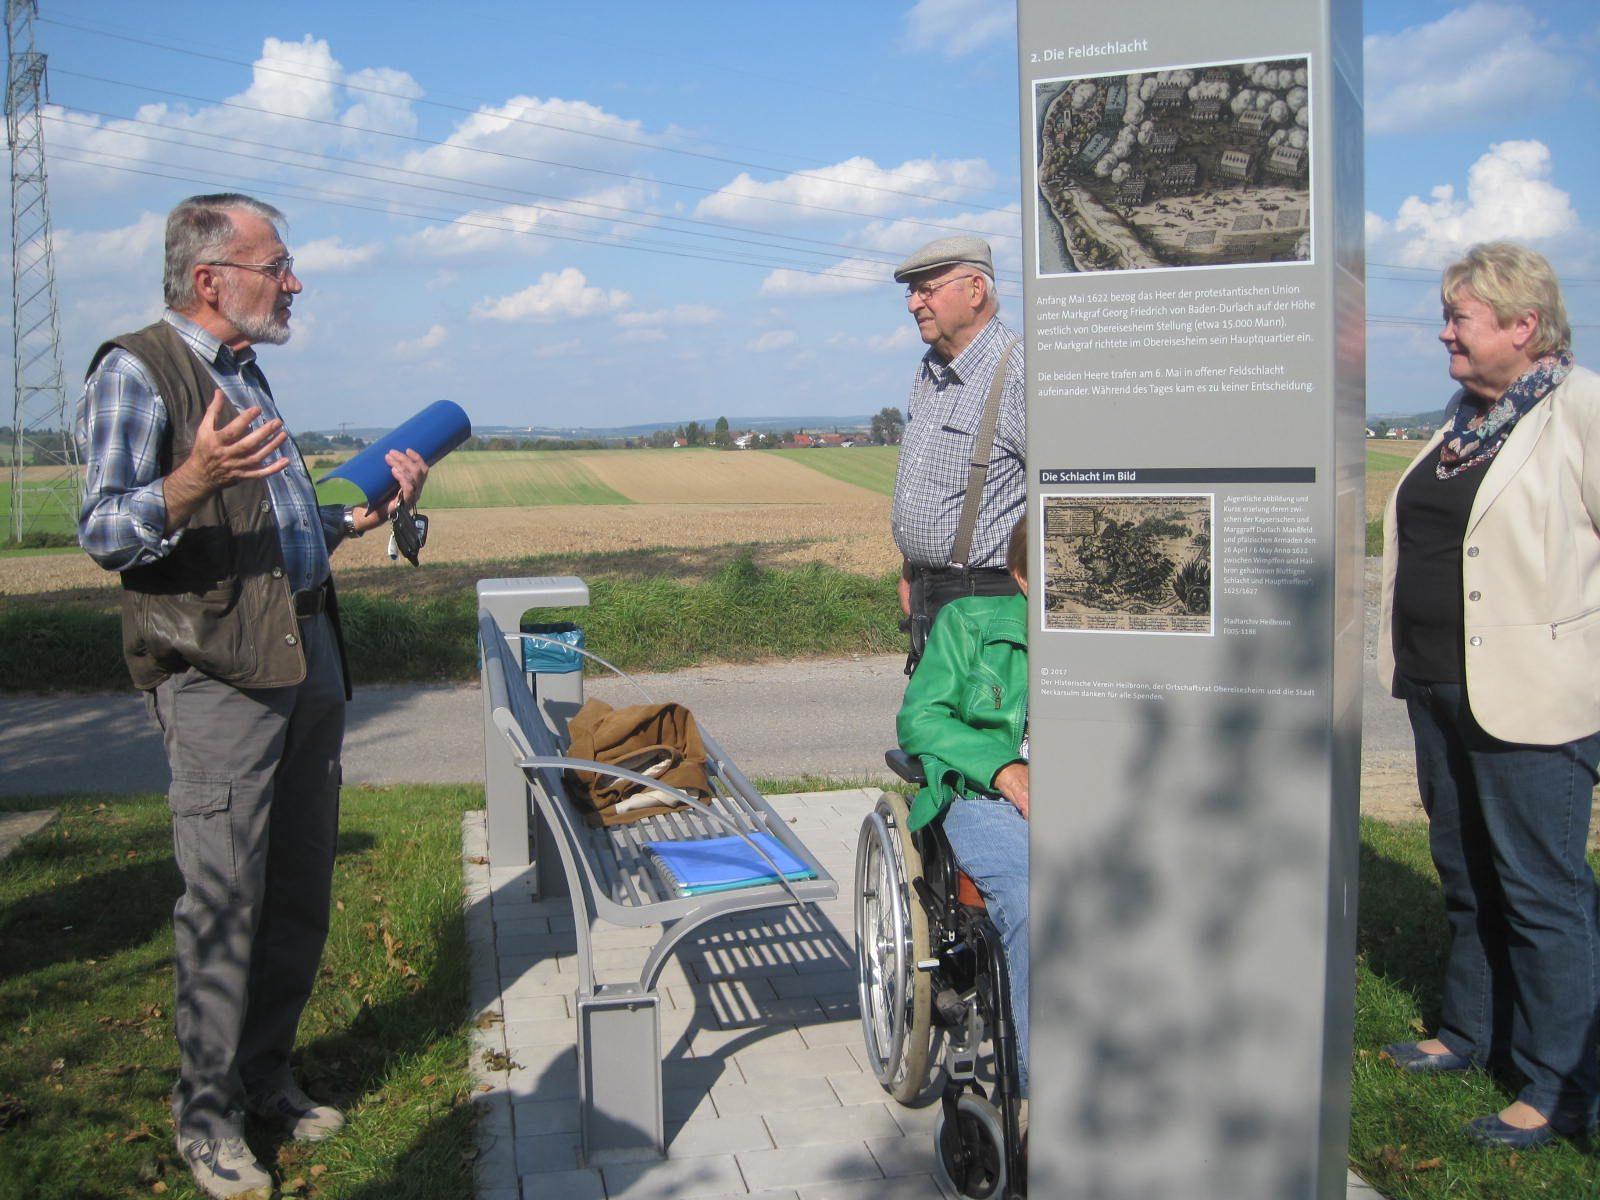 Schlacht bei Wimpfen